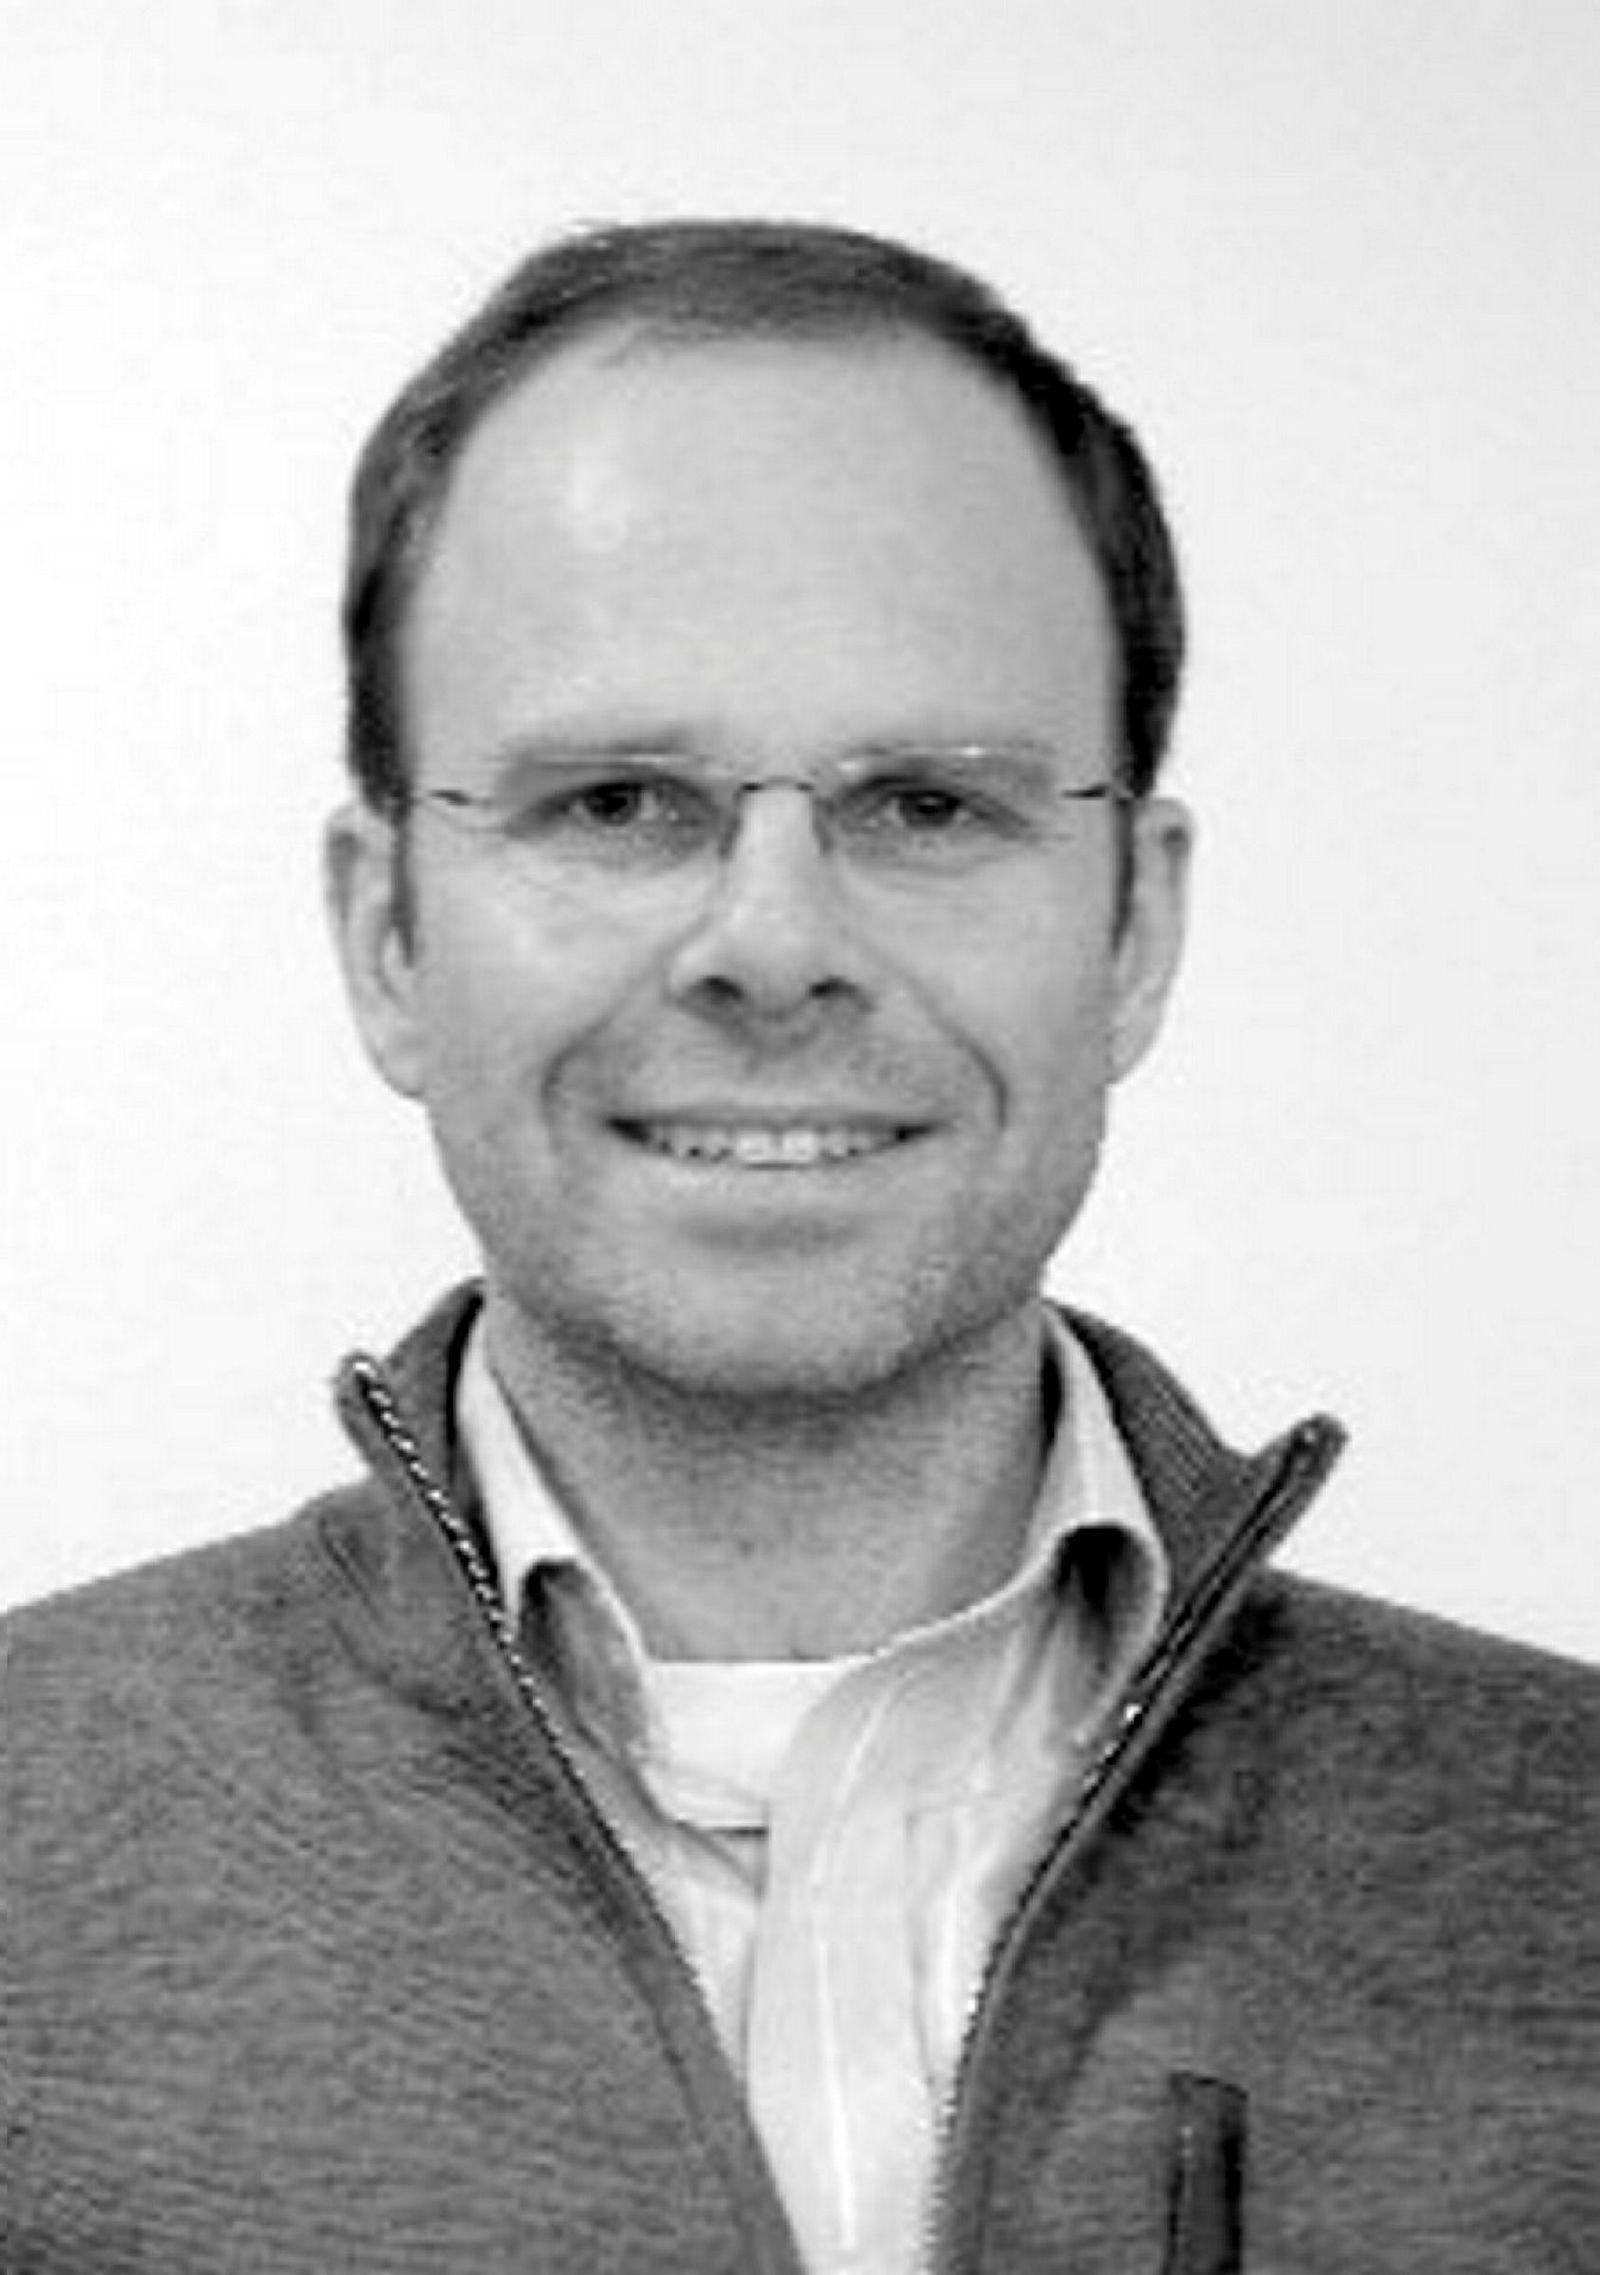 Knut Christian Myhre, leder av forskningsprosjektet Forms of Ethics, Shapes of Finance, Kulturhistorisk museum, Universitetet i Oslo.